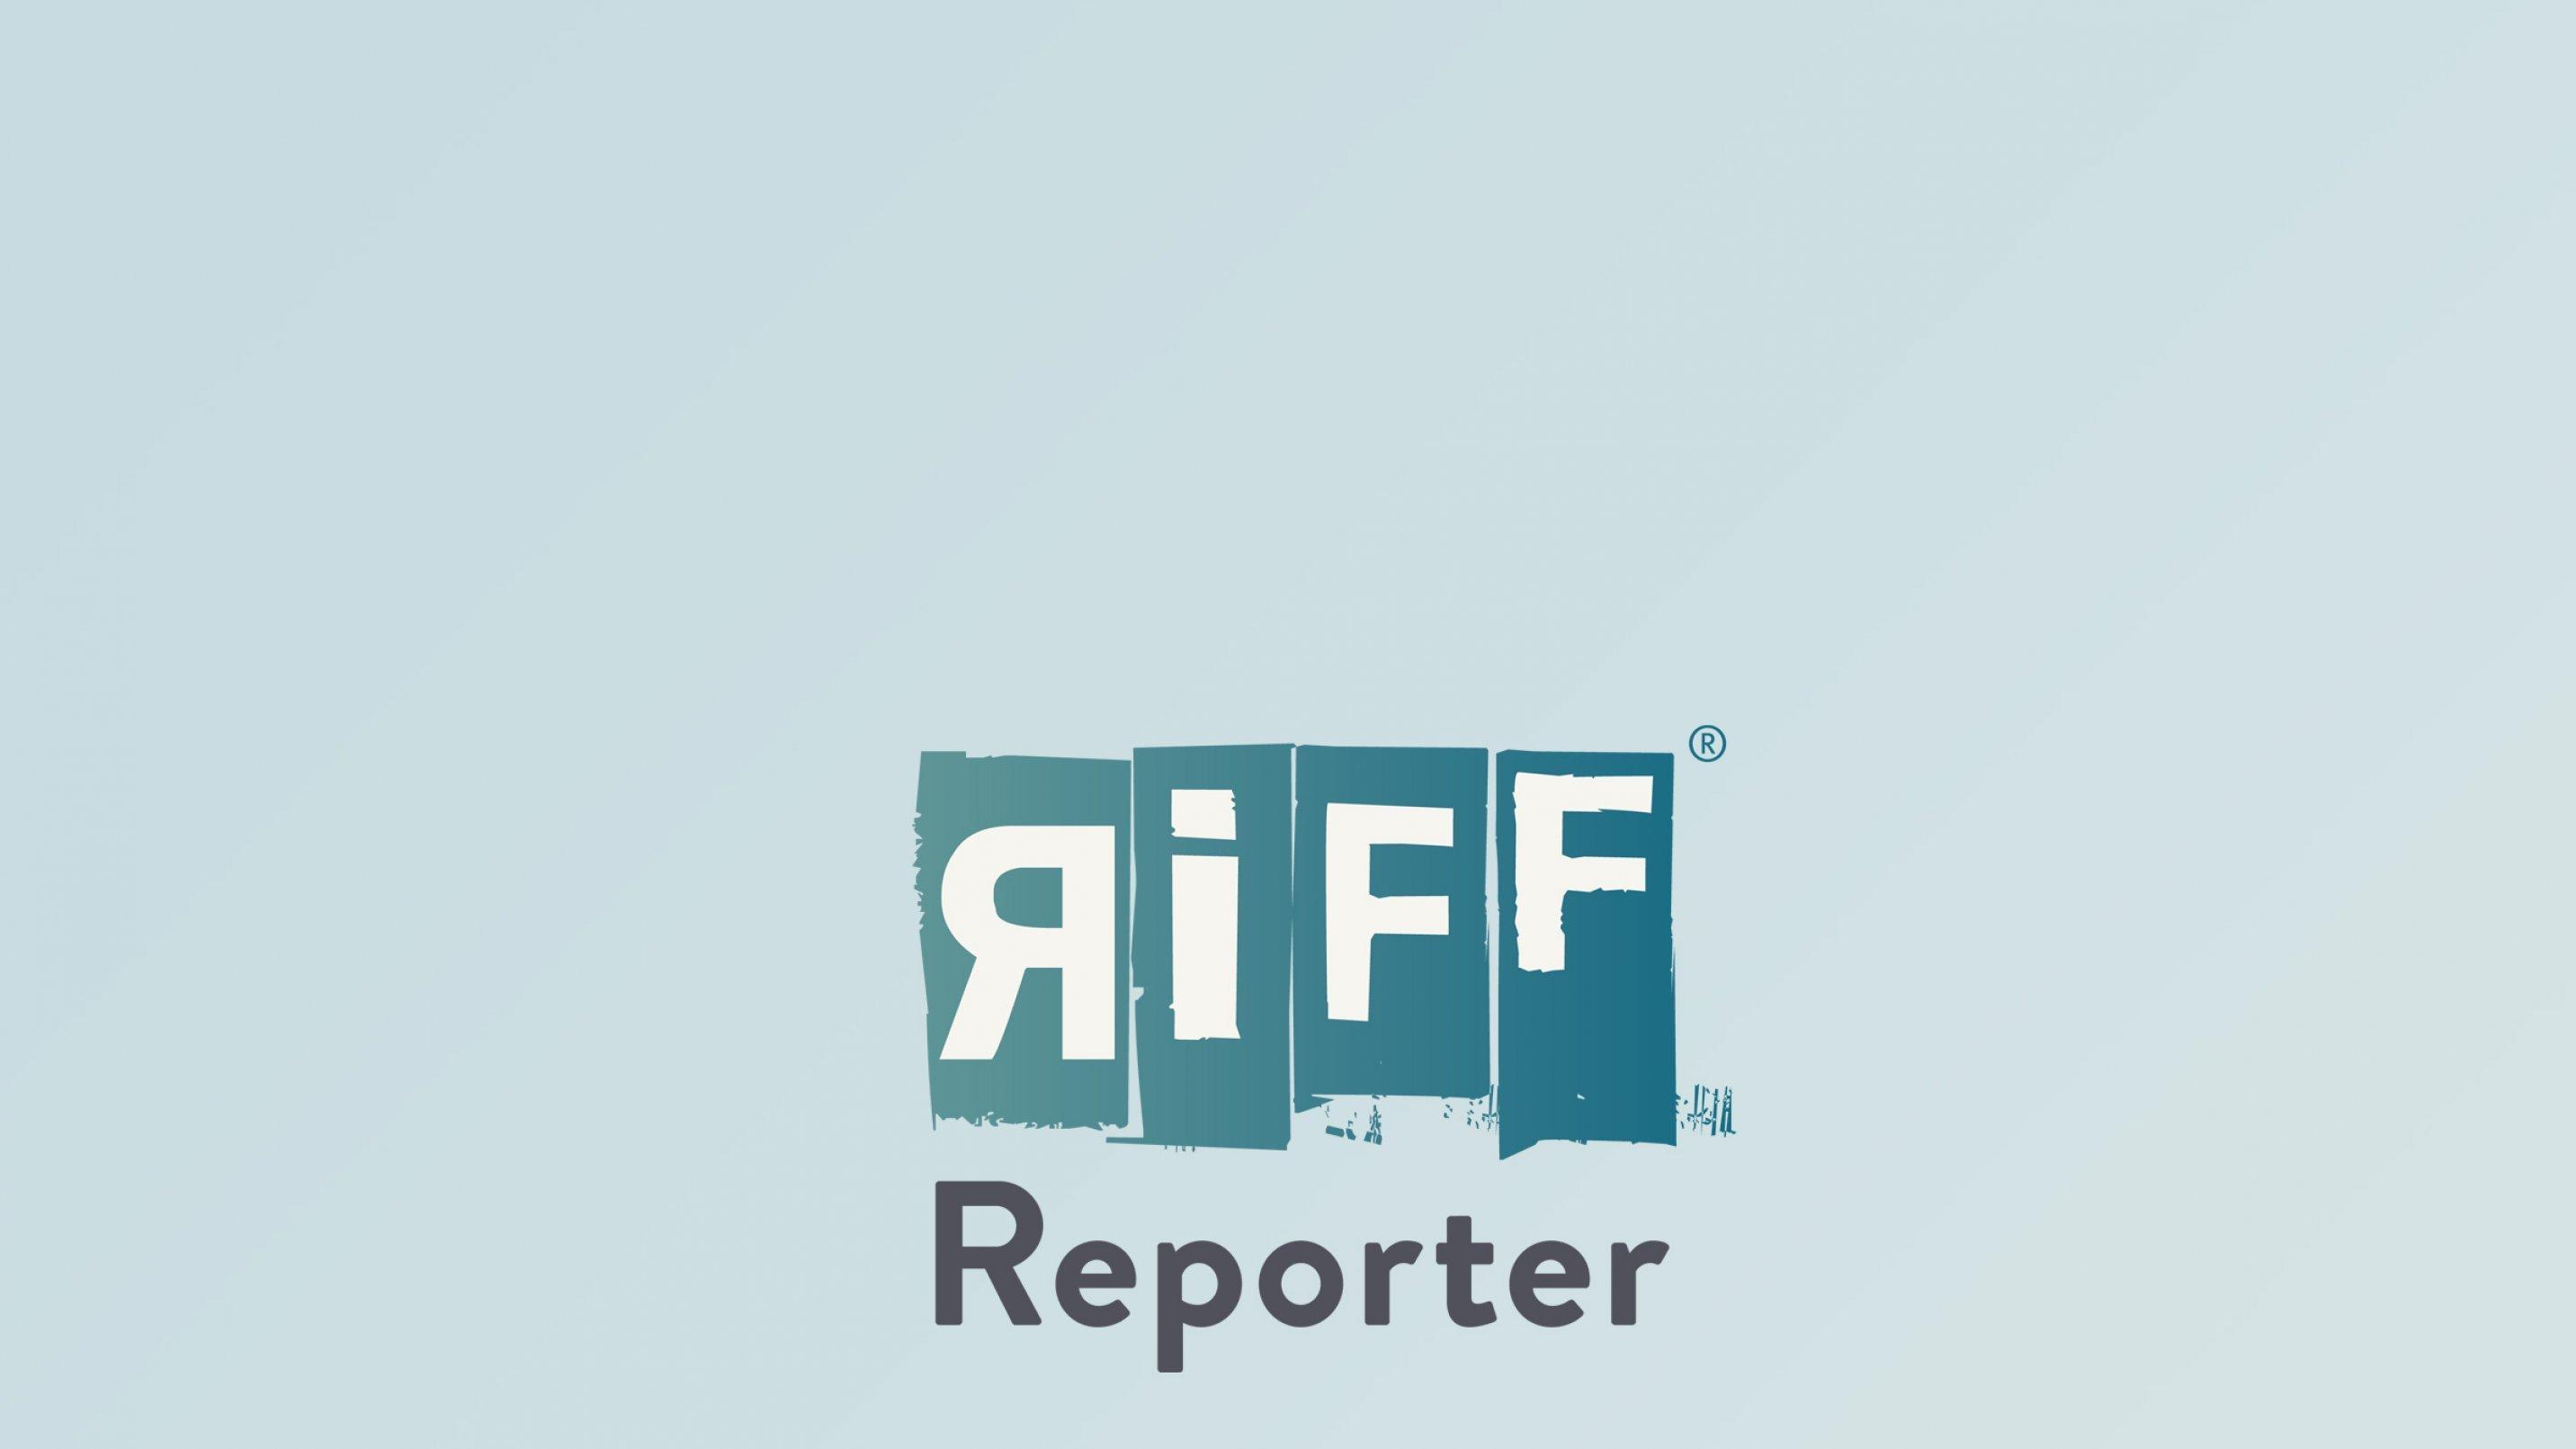 """Die zweiteilige Kollage zeigt oben den Ausschnitt aus einem in der St.-Petri-Kirche zu Lübeck ausgestellten Bild von Jonathan Meese und unten die Bildschirmdarstellung eines GPS-Tracks, der aus Lübeck herausführt und mitten im Wald endet. Der Meese-Ausschnitt gehört zu """"Dr. Zuhause: K.U.N.S.T. (Erzliebe)""""; sein Projekt (17.2. bis 31.3.2019) setzt sich unter anderem mit dem Begriff """"Heimat"""" auseinander; Infos: http://st-petri-luebeck.de/index.php/854-dr-zuhause-k-u-n-s-t-erzliebe-grossmutter-macht"""